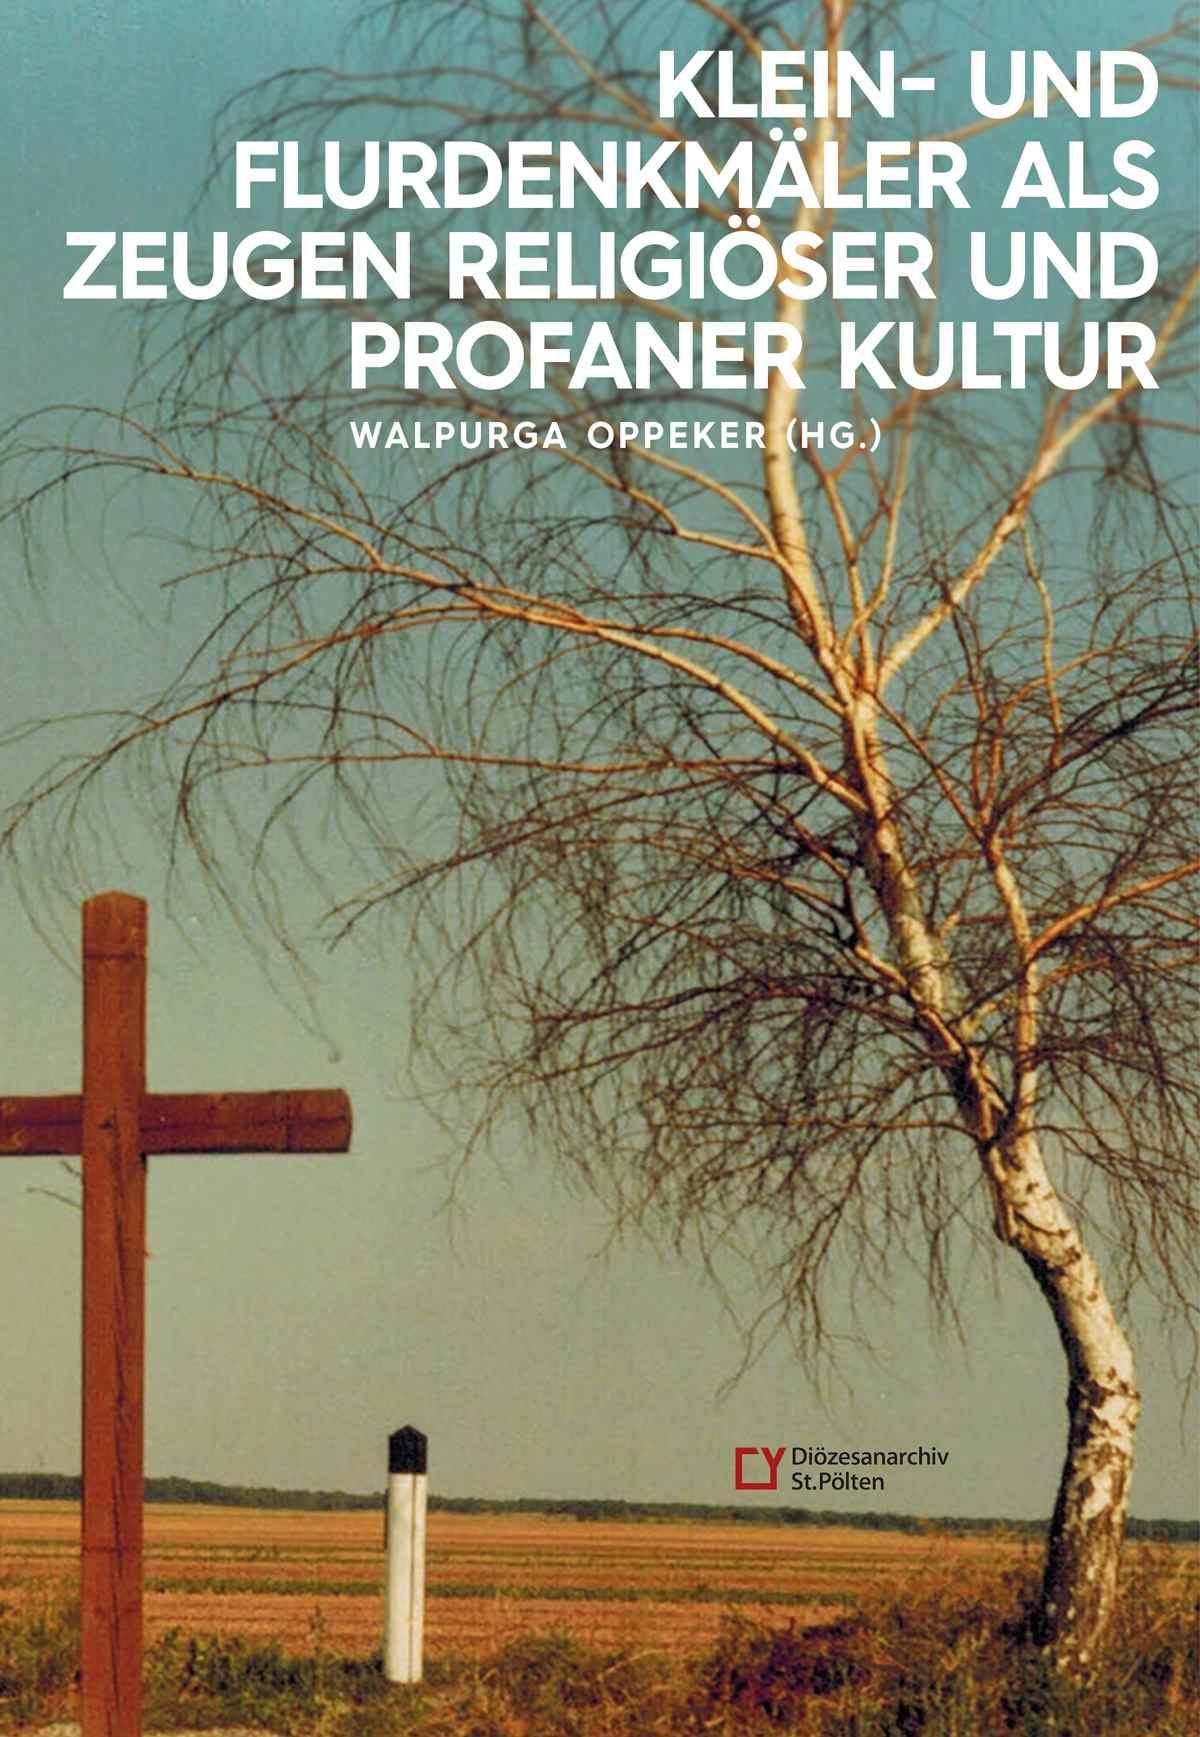 Klein- und Flurdenkmäler als Zeugen religiöser und profaner Kultur